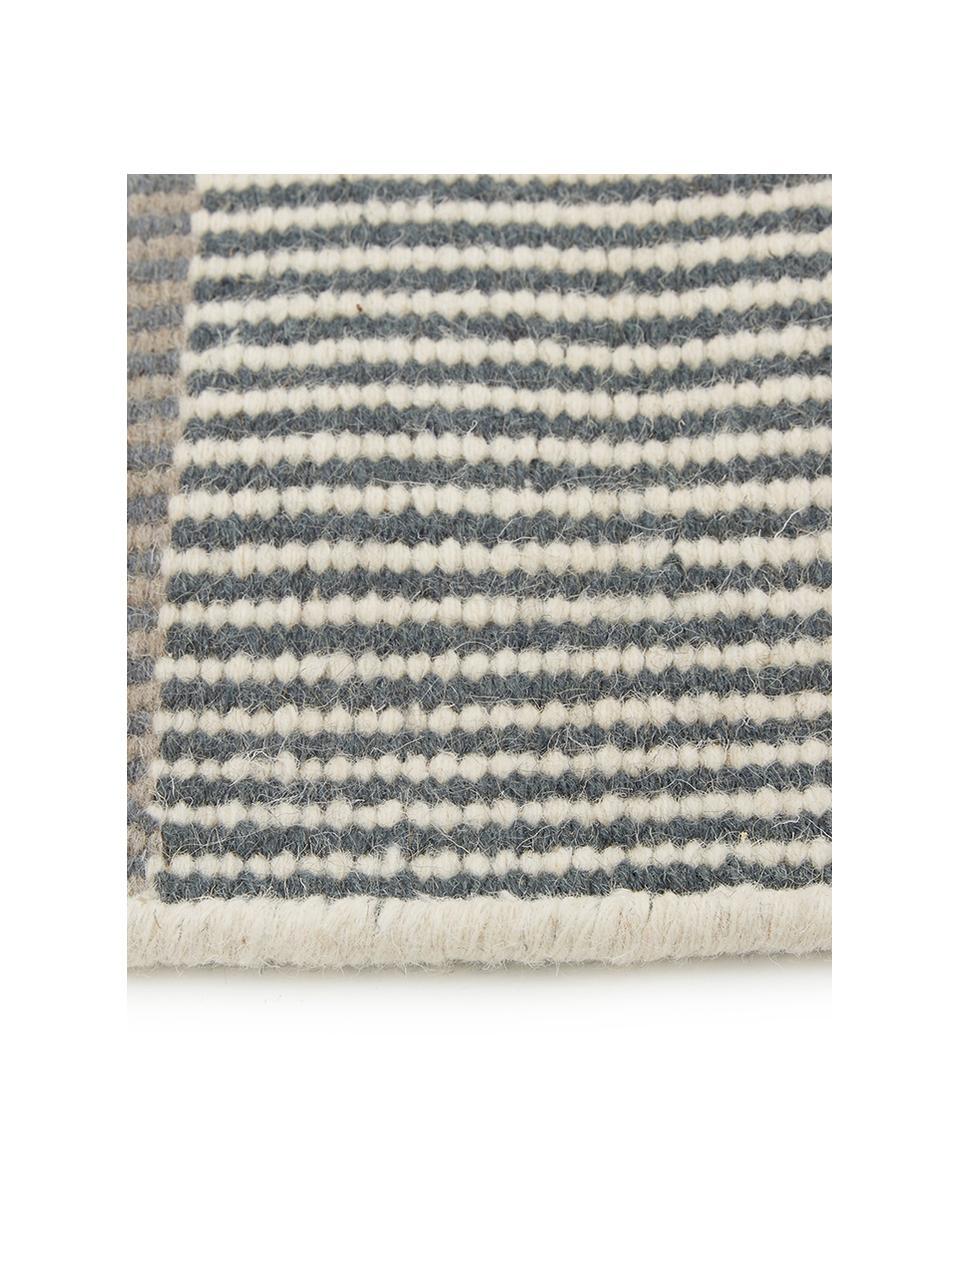 Ręcznie tkany dywan kilim Devise, 100% wełna   Włókna dywanów wełnianych mogą nieznacznie rozluźniać się w pierwszych tygodniach użytkowania, co ustępuje po pewnym czasie, Wielobarwny, S 200 x D 300 cm (Rozmiar L)